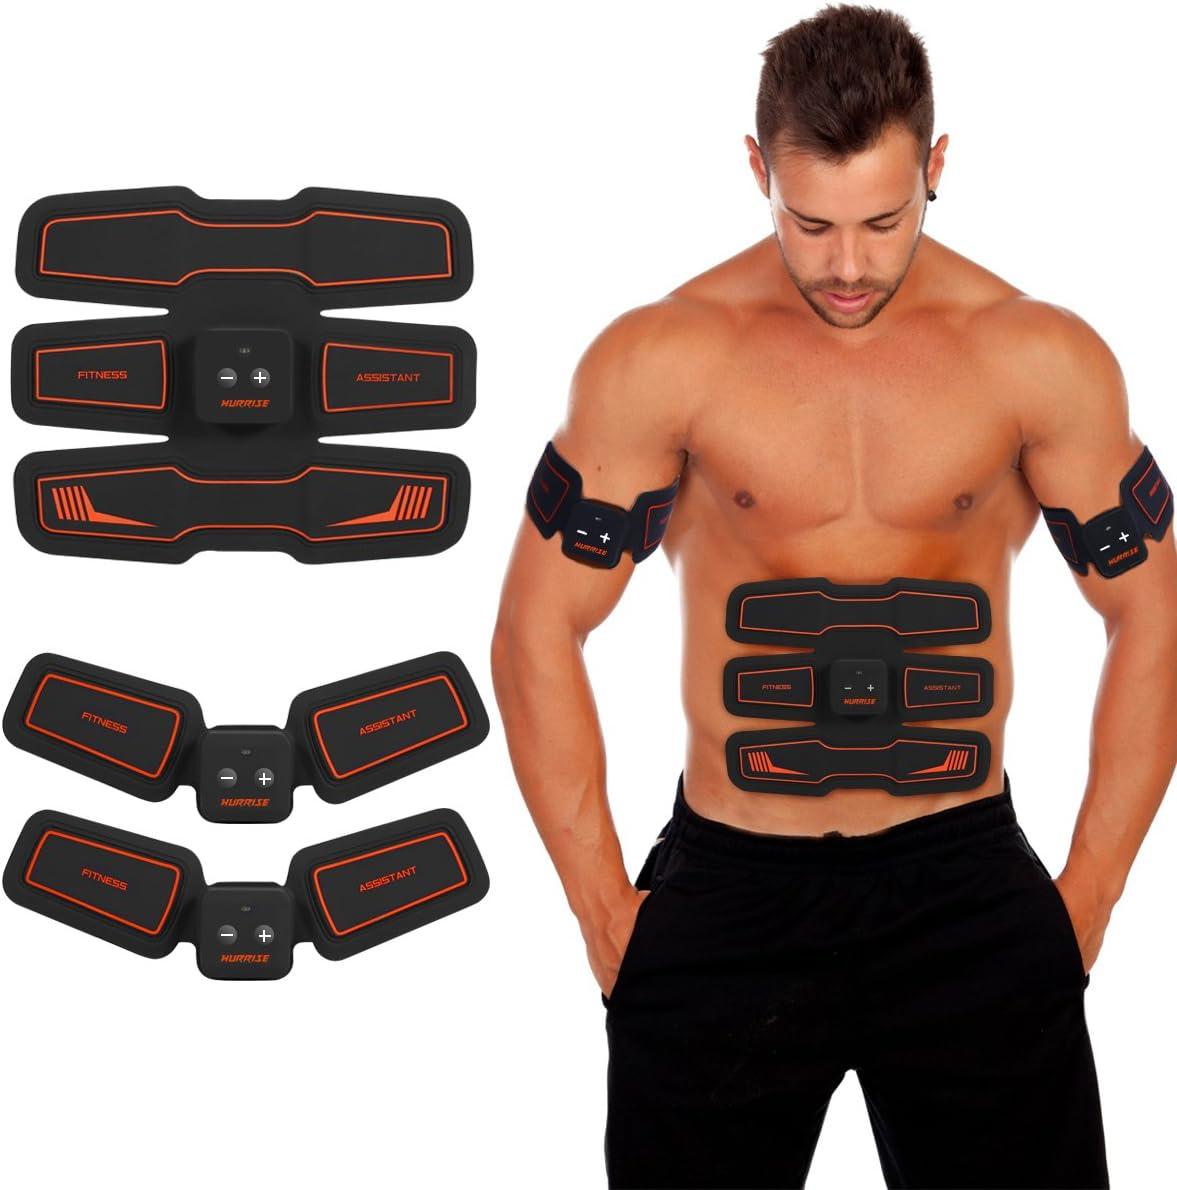 HURRISE Electroestimulador Muscular Abdominales Masajeador Eléctrico Cinturón, Abdomen/Brazo/Piernas/Cintura Entrenador Muscular, USB Recargable, 15 Niveles de Intensidad (Hombre/Mujer)